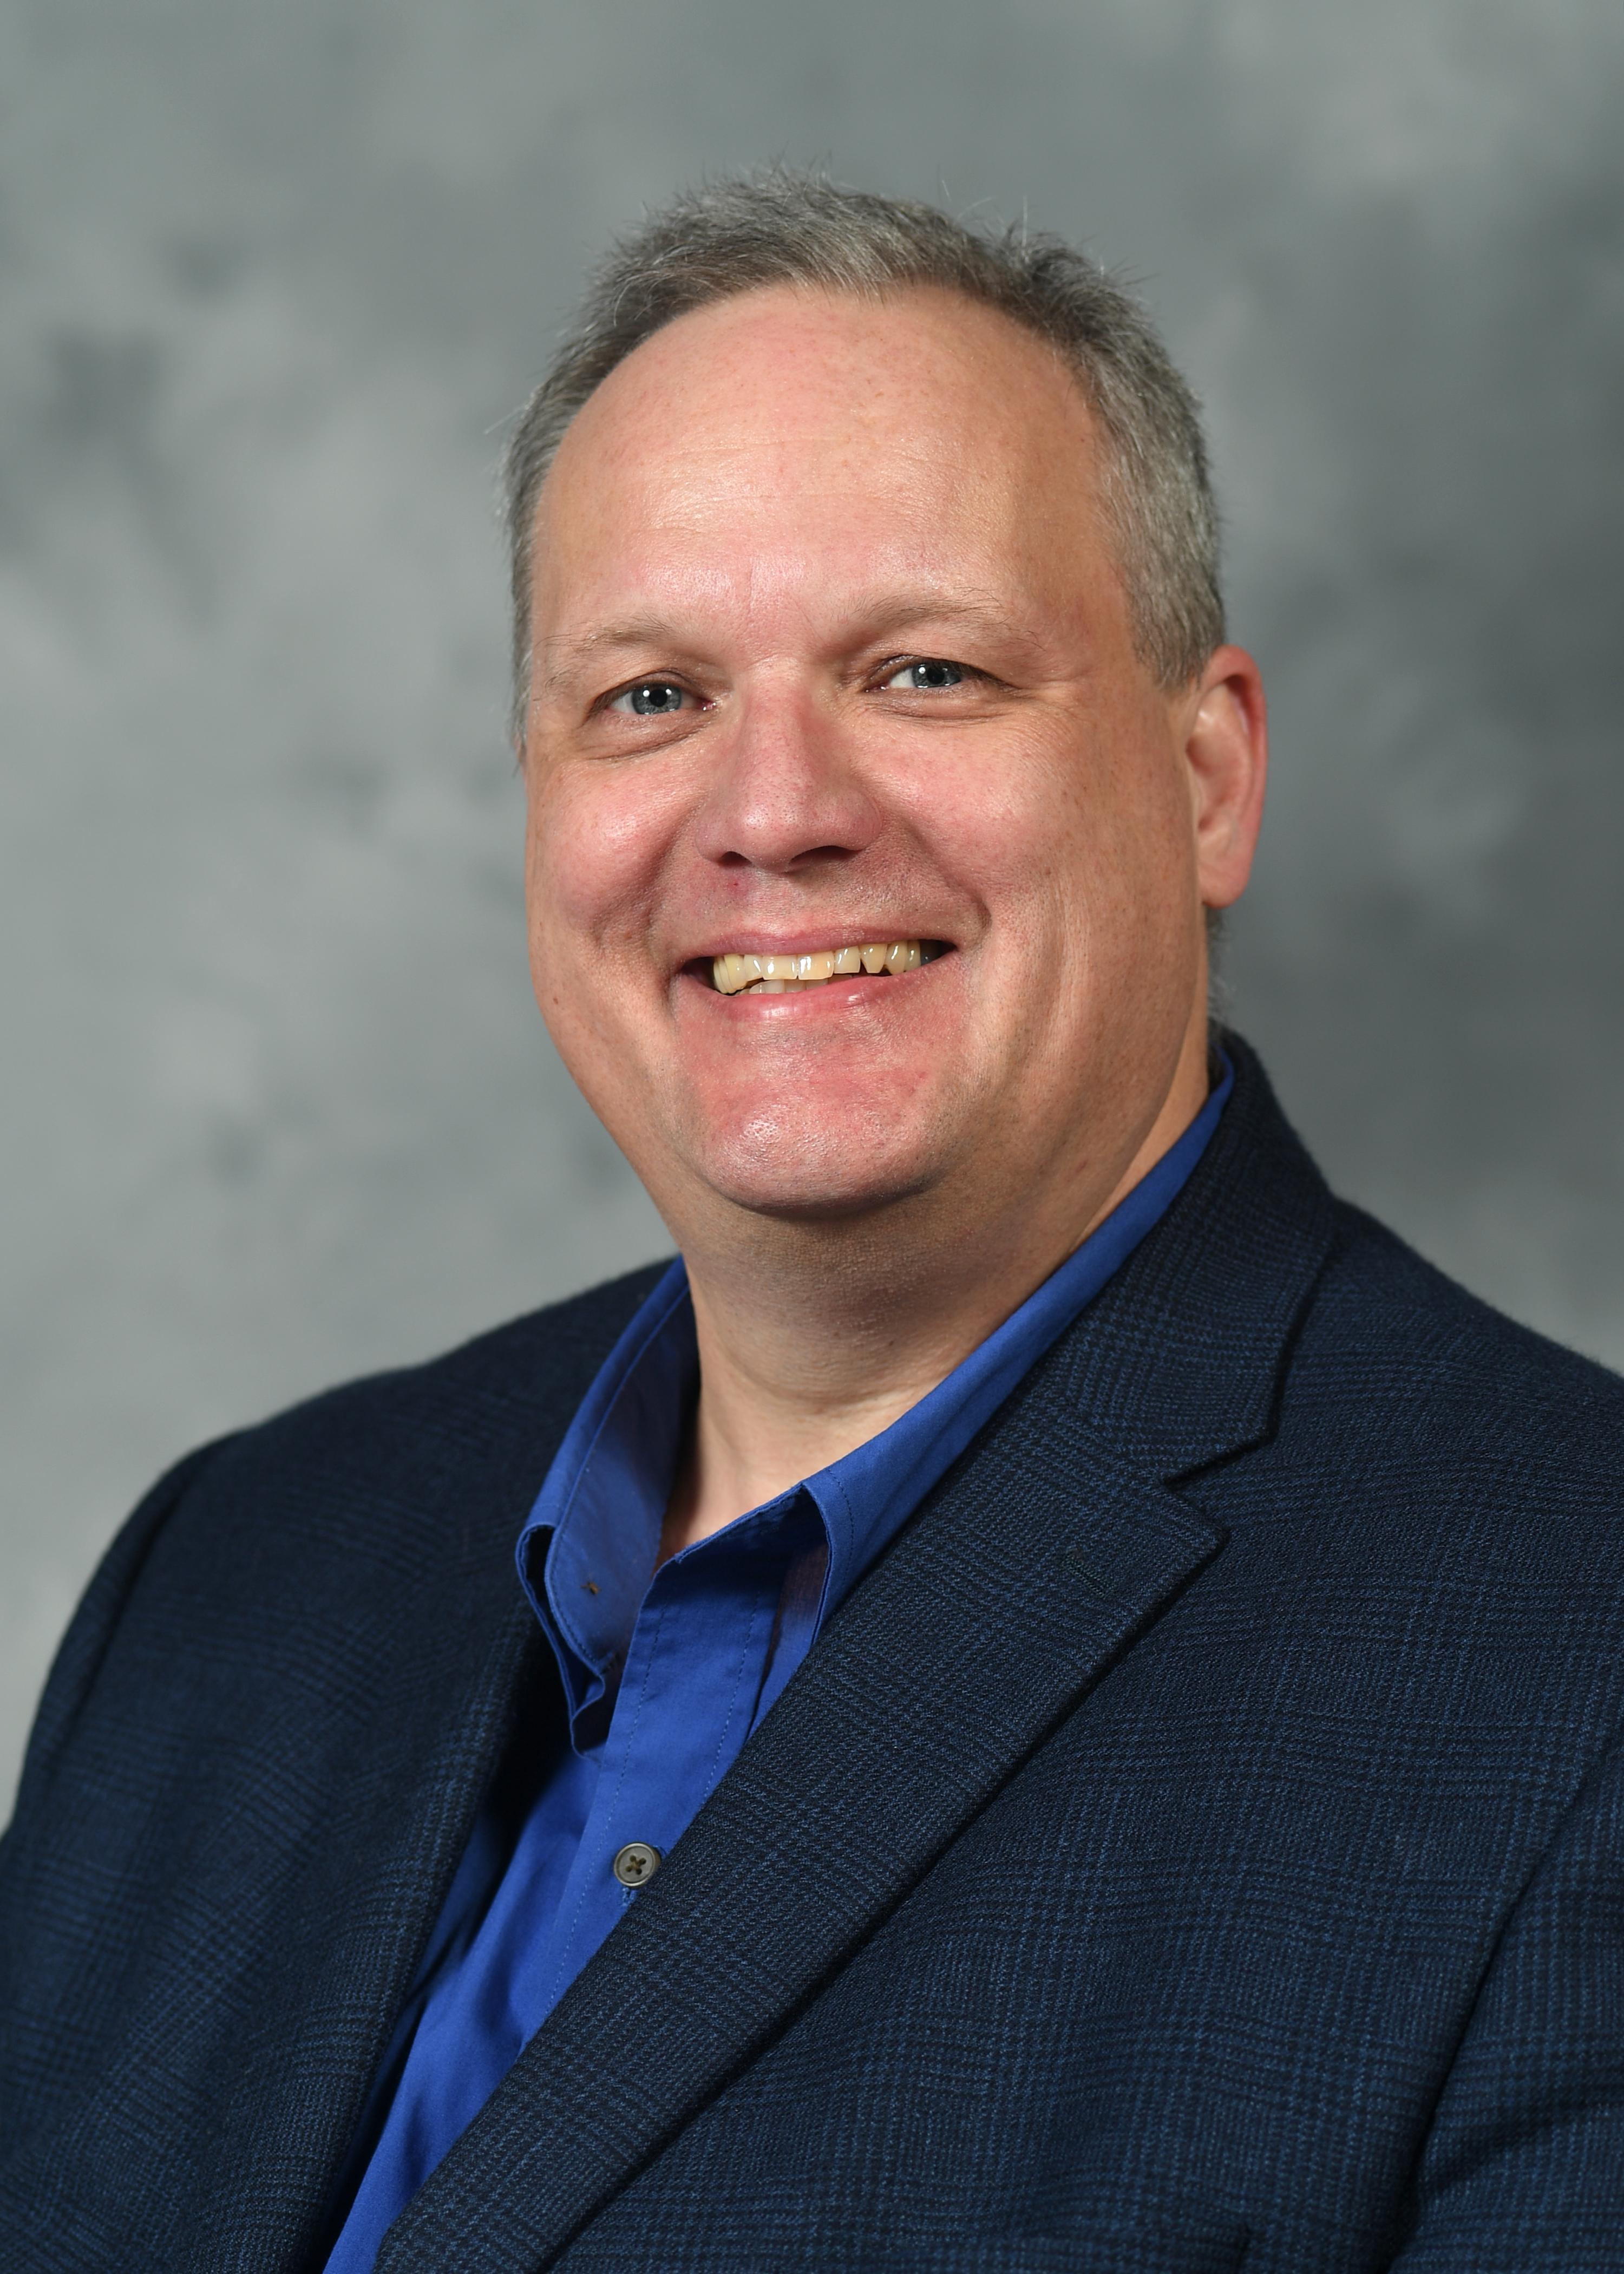 Jim Sahlman